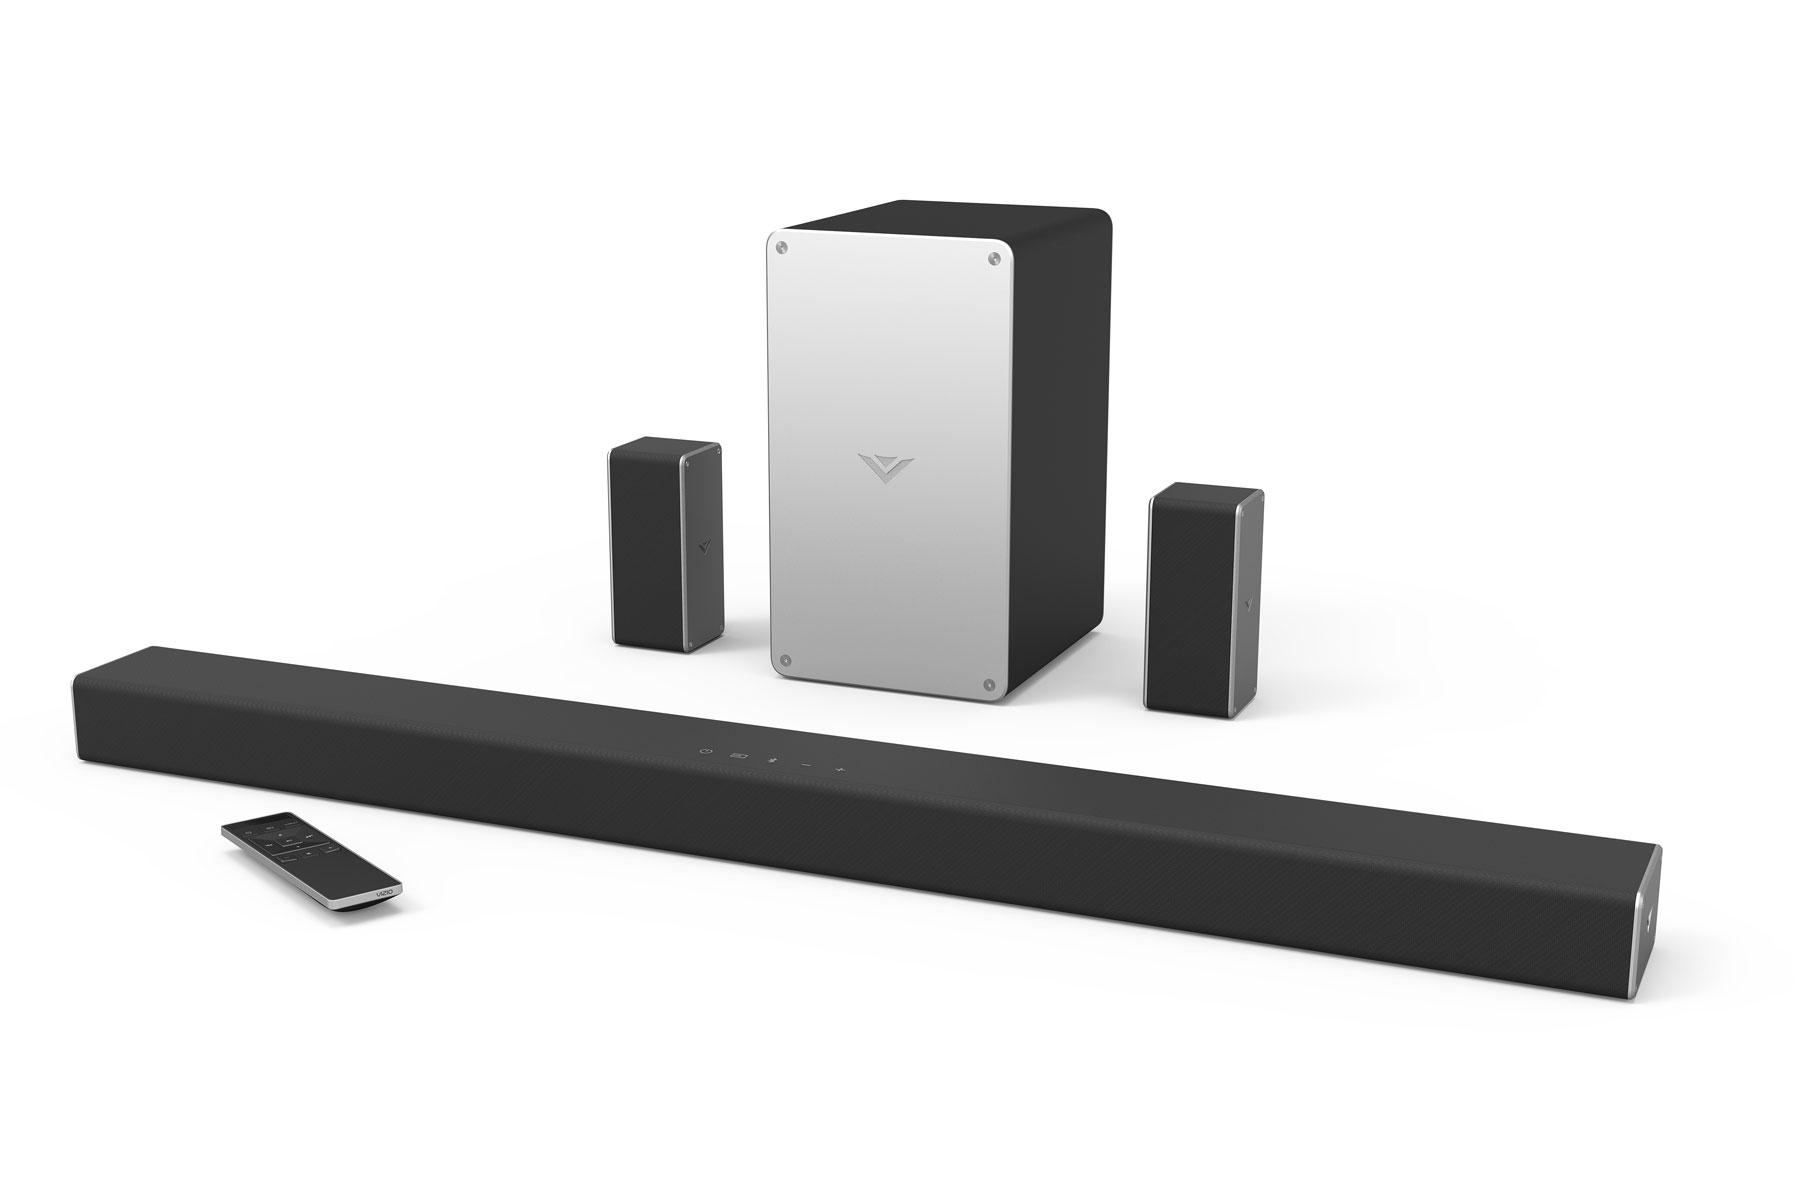 Vizios 250 Soundbar Hosts Google Assistant And Chromecast